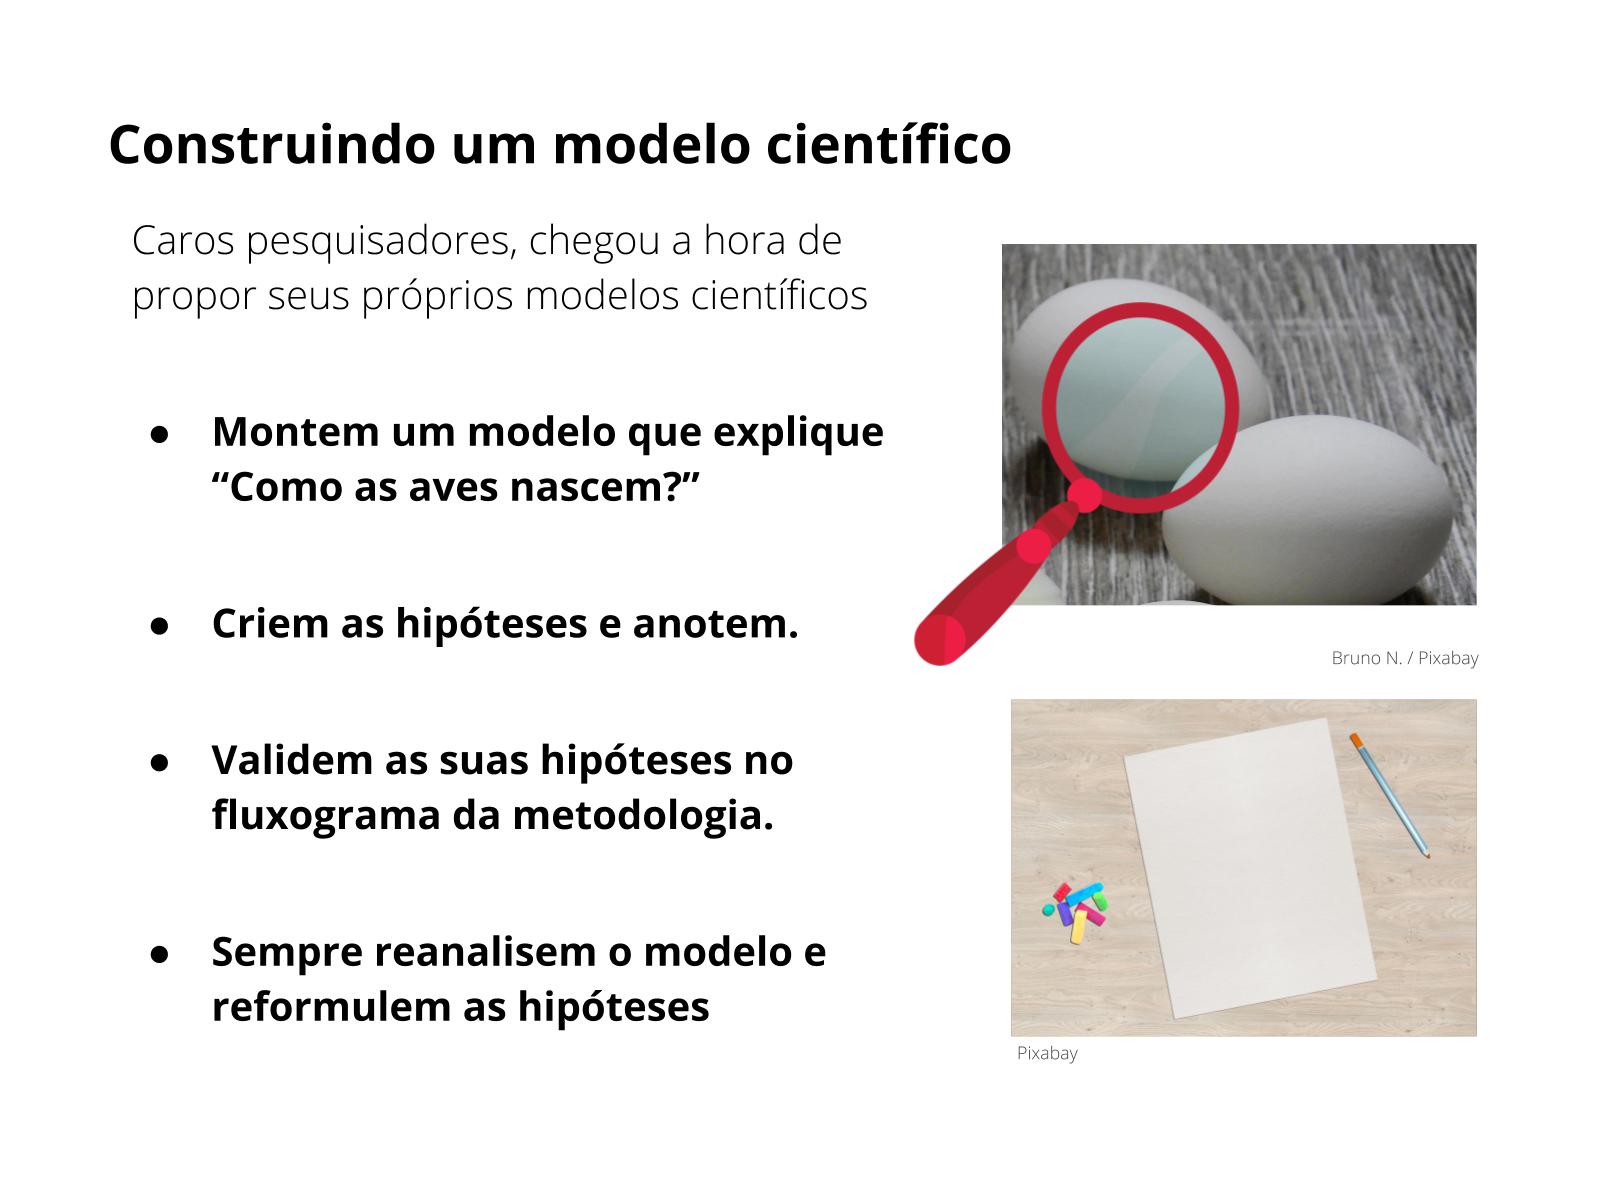 Método científico na construção de modelos